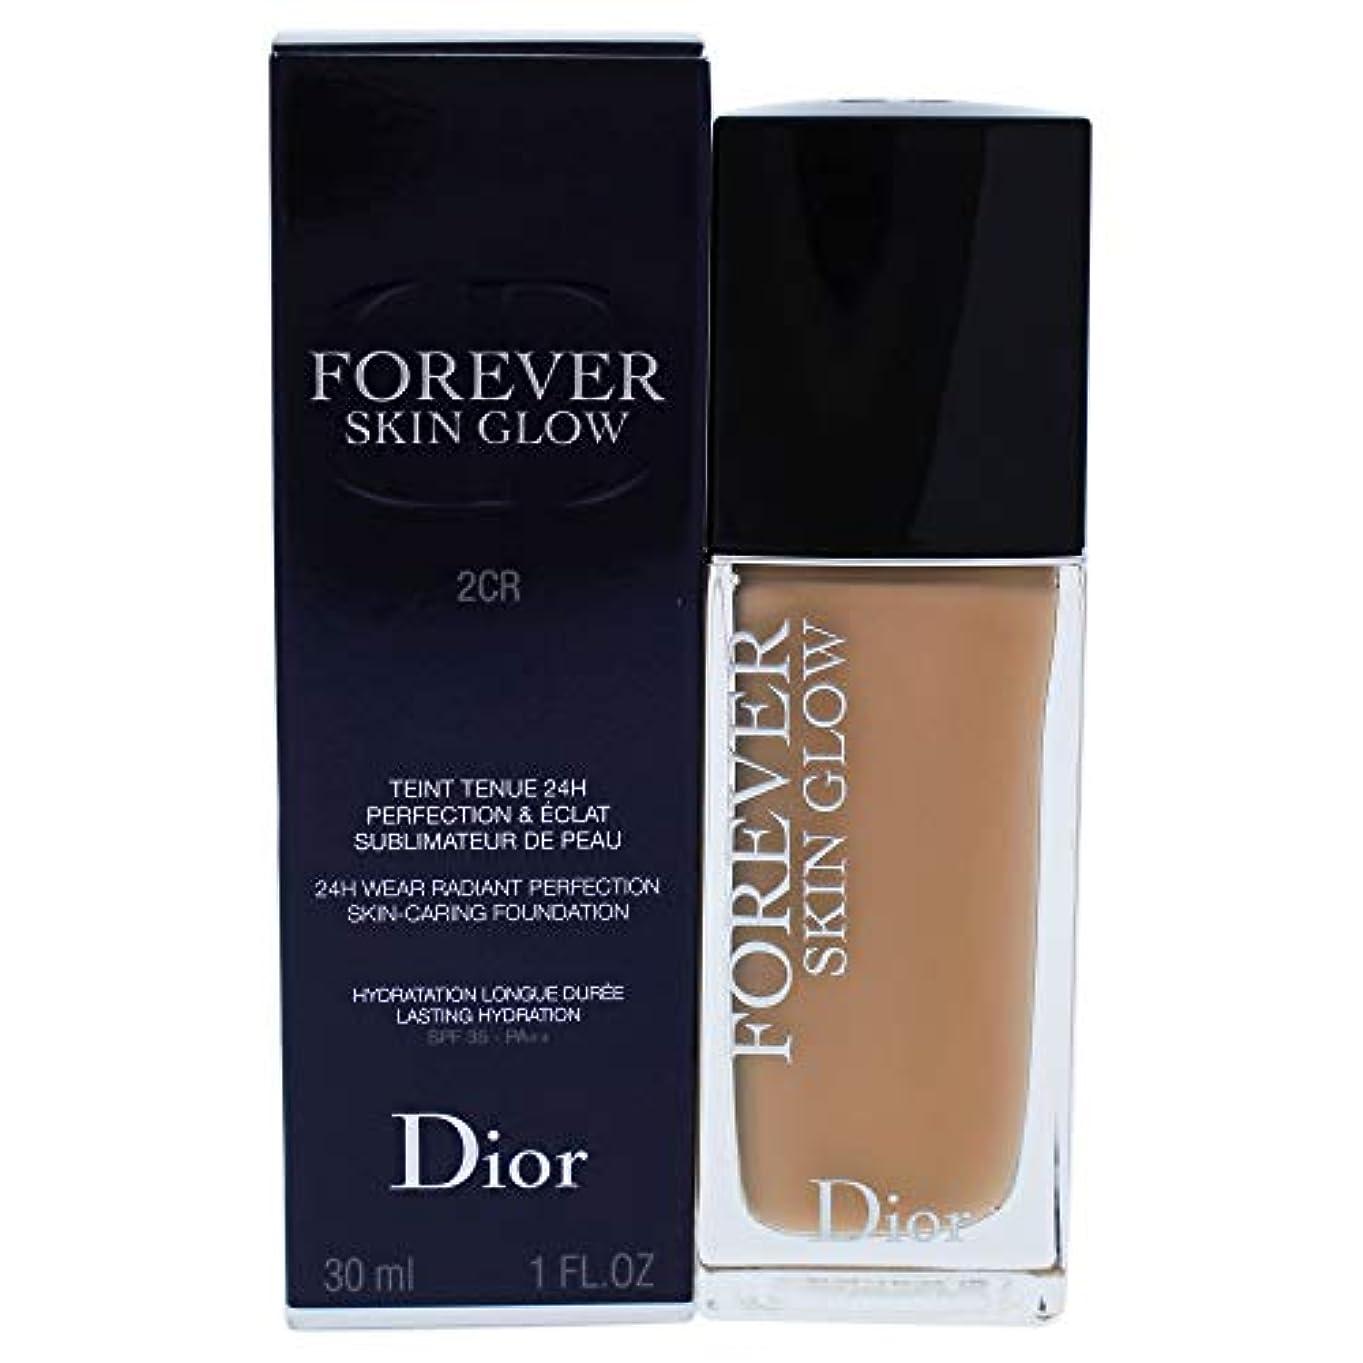 かなり乱暴なマイルドクリスチャンディオール Dior Forever Skin Glow 24H Wear High Perfection Foundation SPF 35 - # 2CR (Cool Rosy) 30ml/1oz並行輸入品